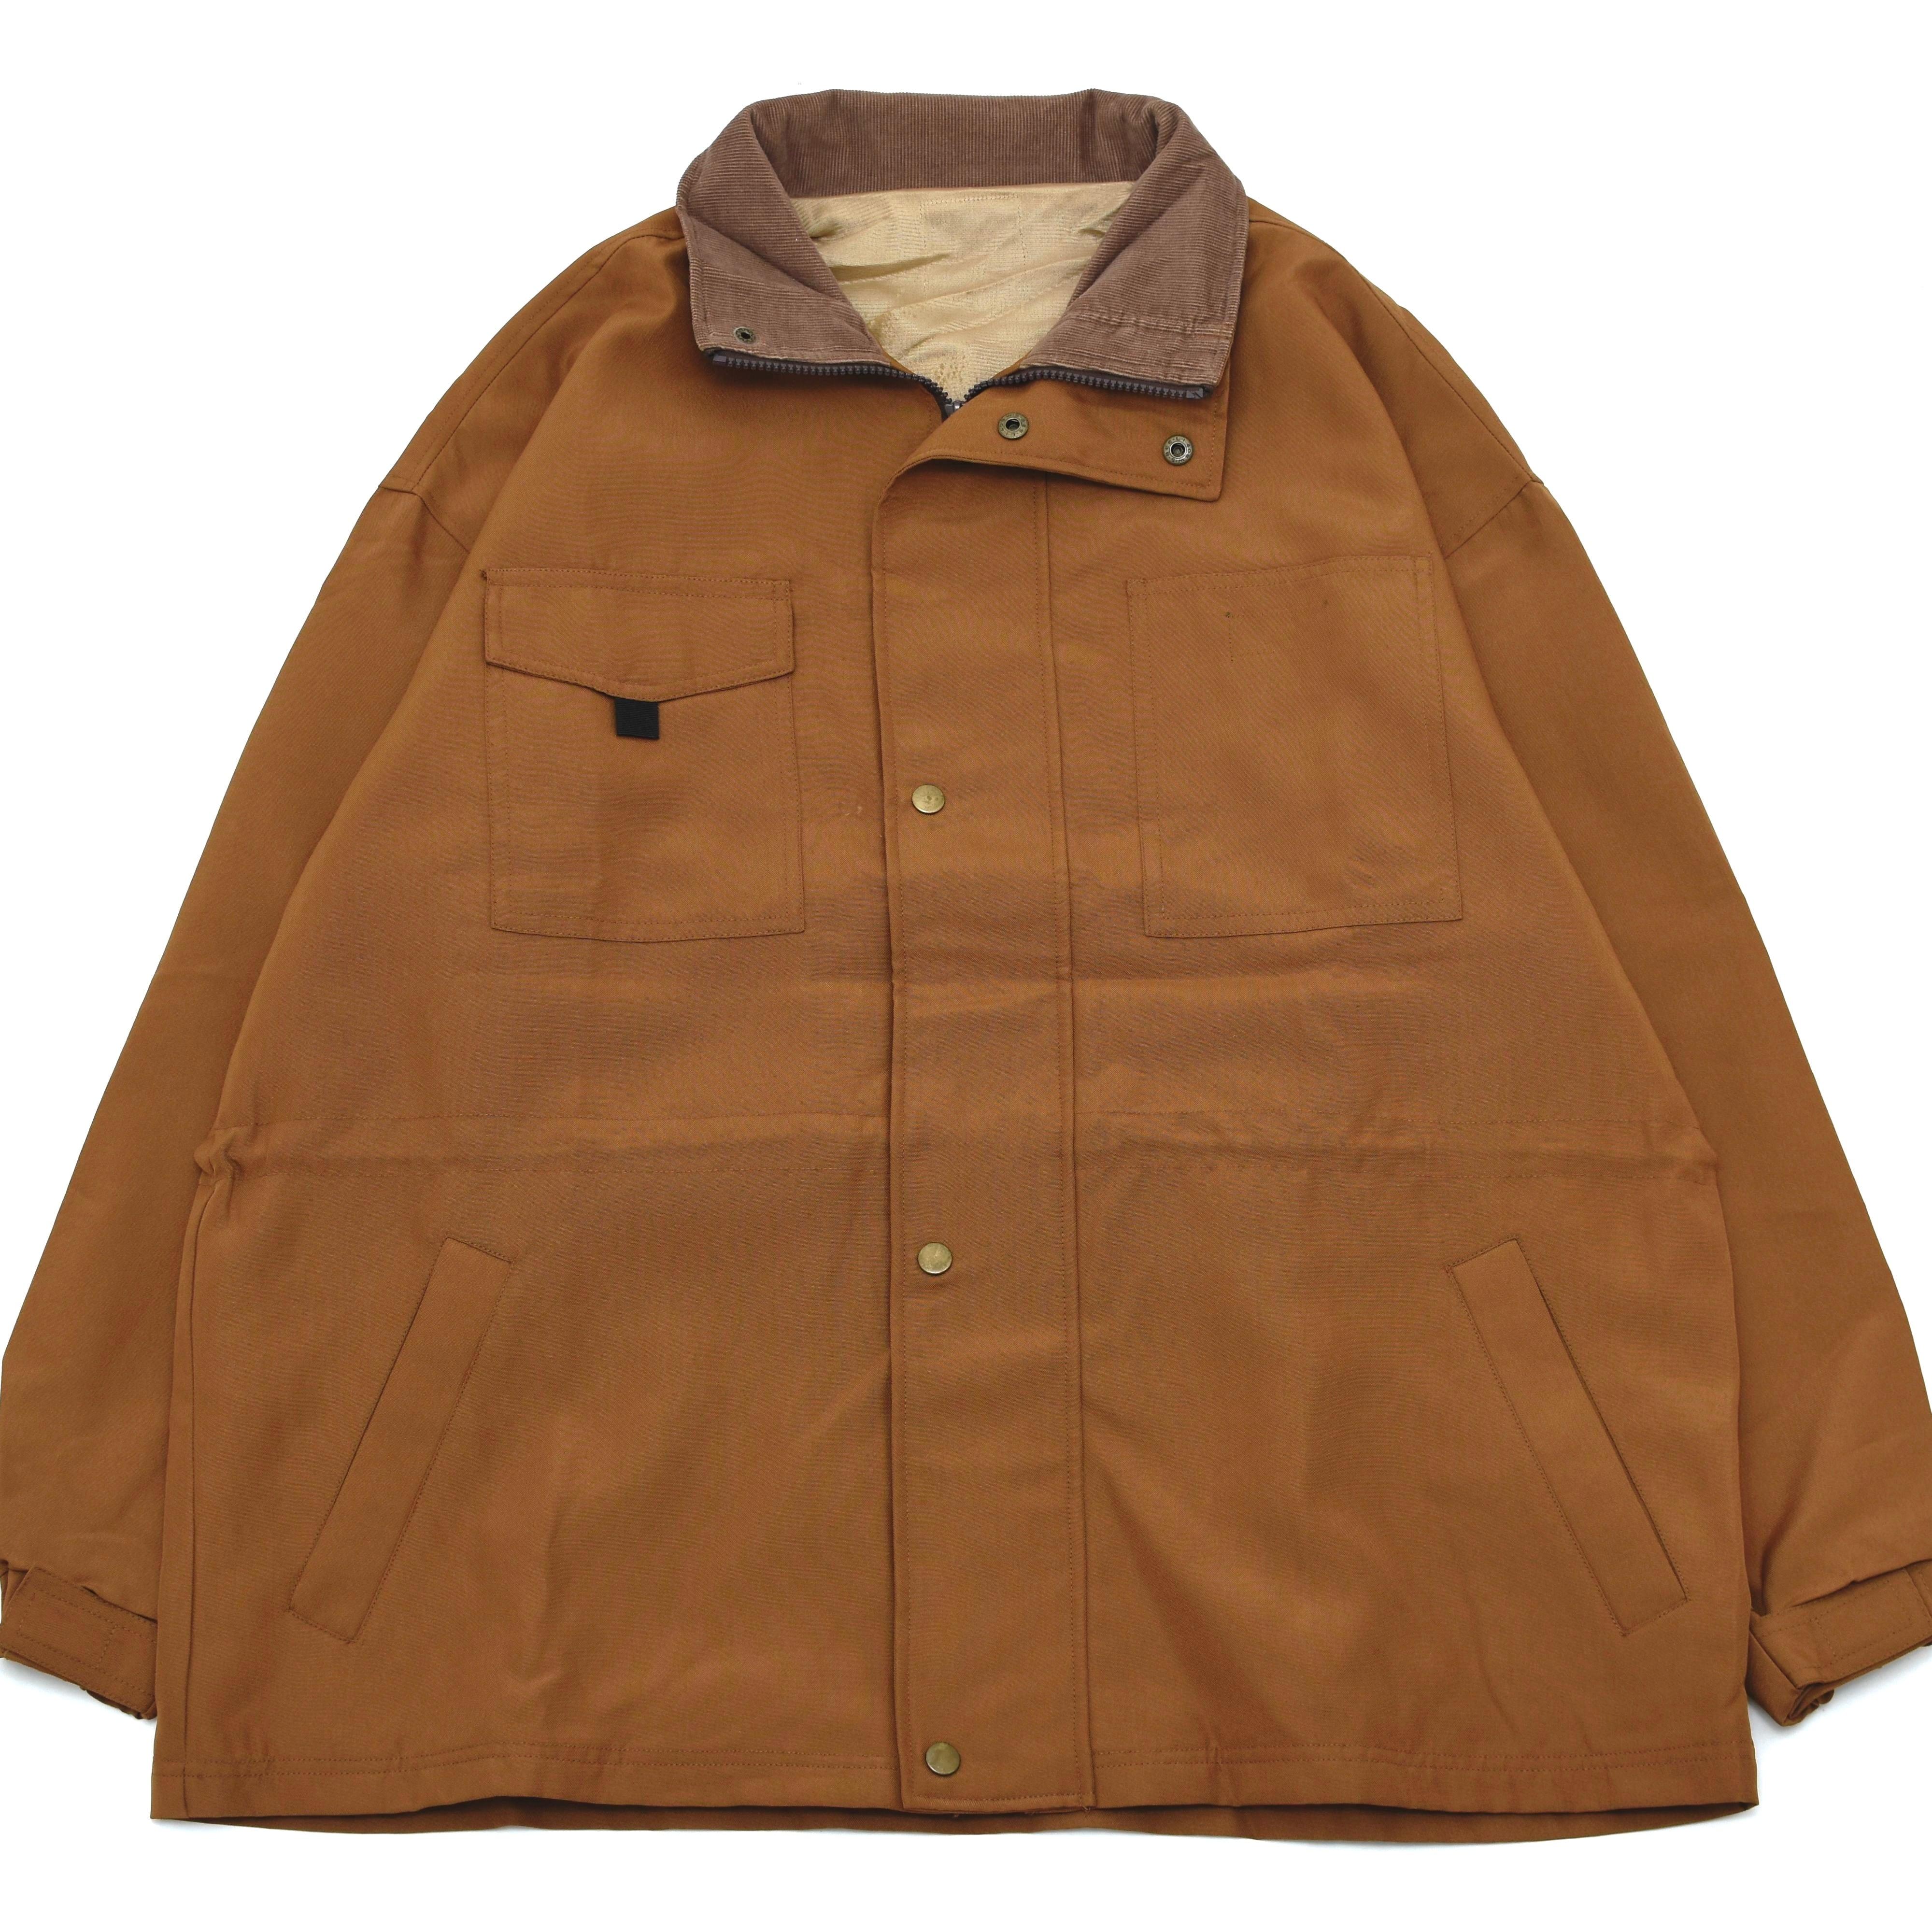 Camel brown color work jacket